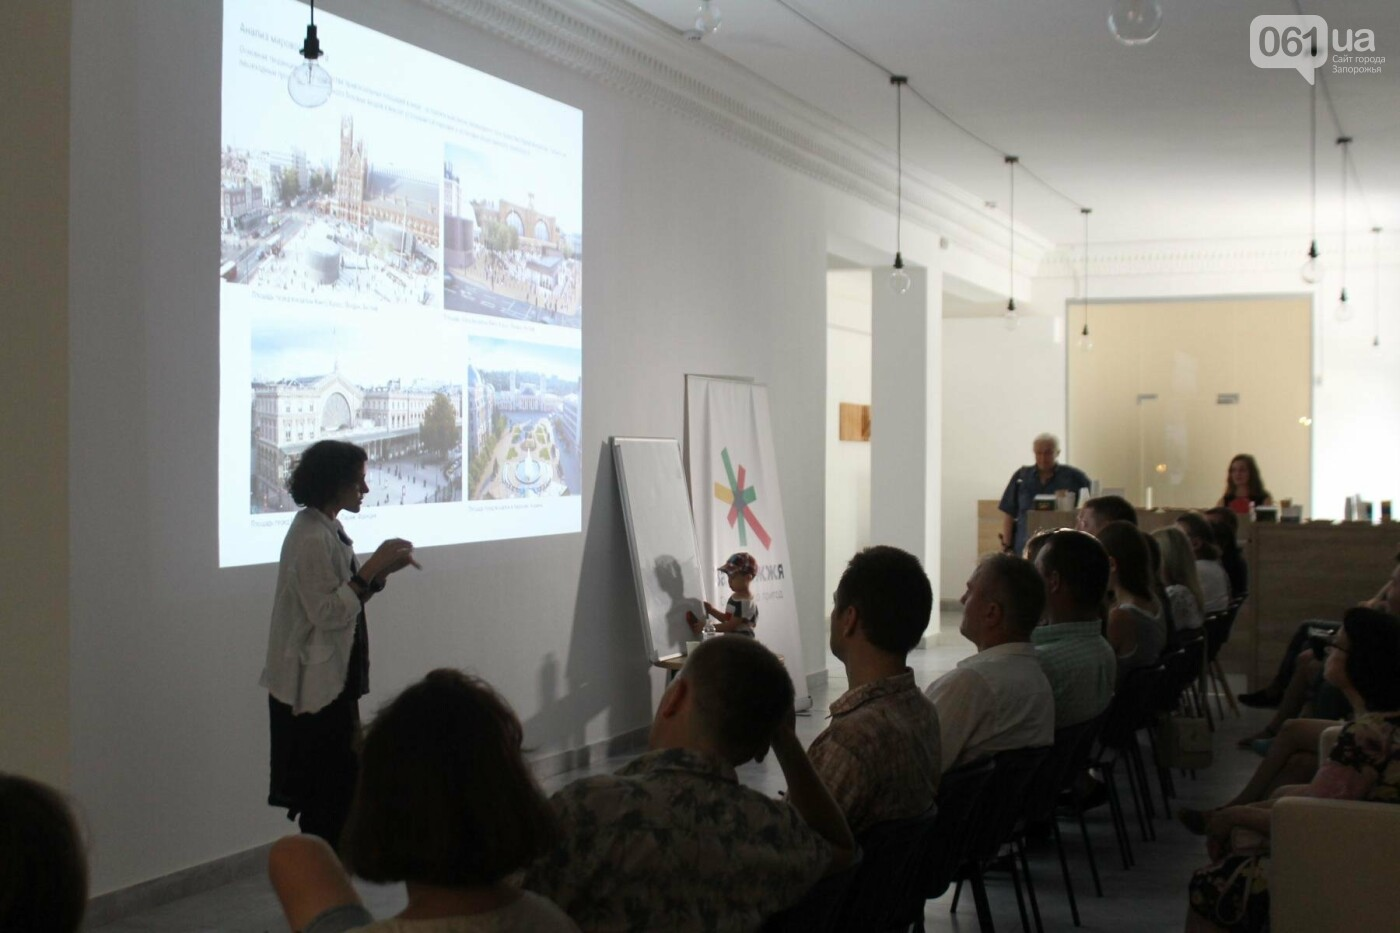 В Запорожье провели мозговой штурм и обсудили будущий проект Привокзальной площади, – ФОТОРЕПОРТАЖ, фото-7